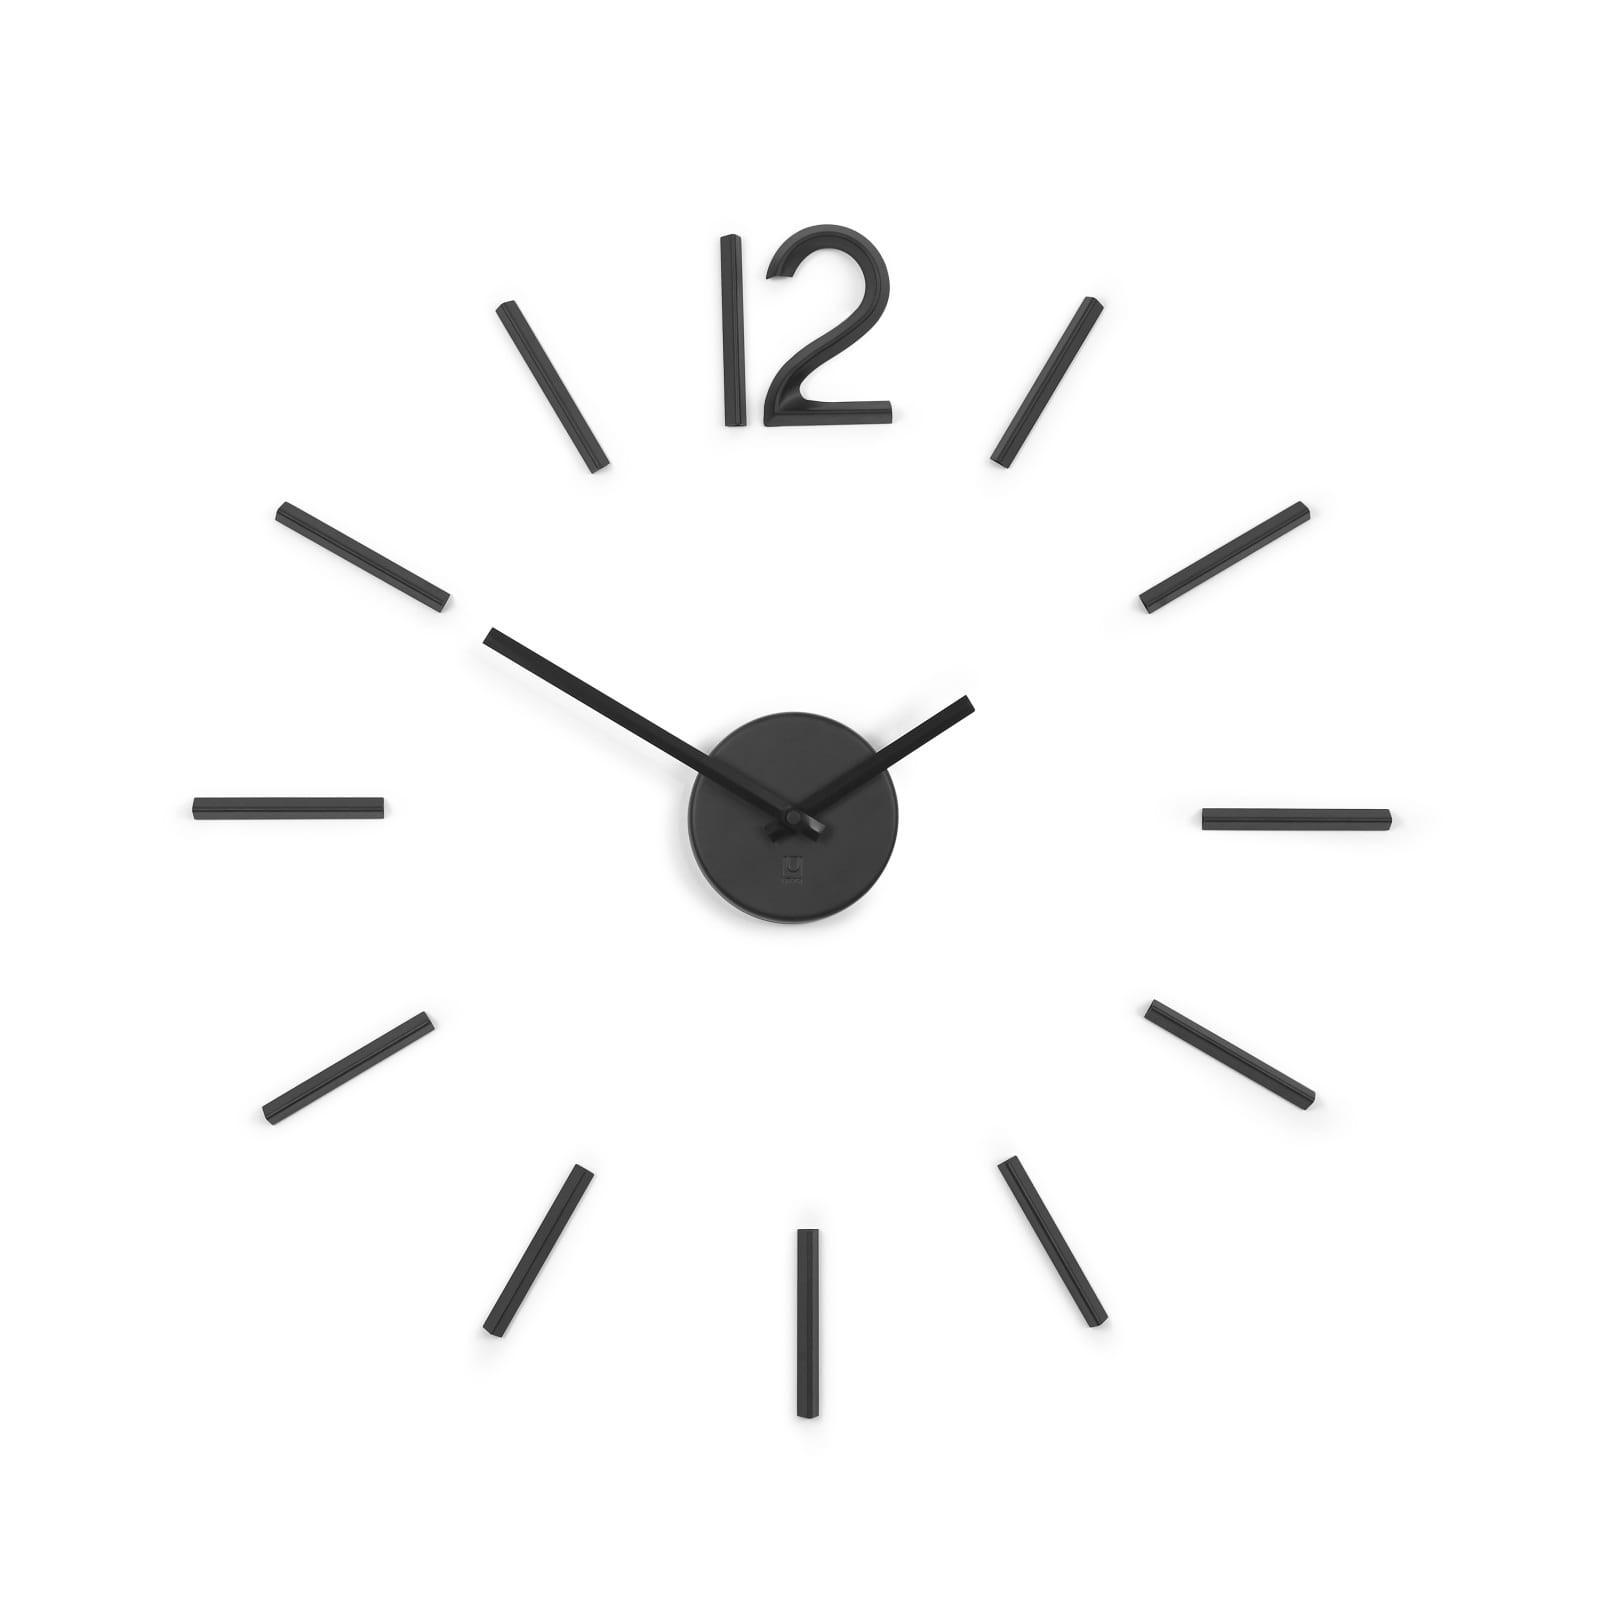 Ρολόι τοίχου Blink (Μαύρο) - Umbra